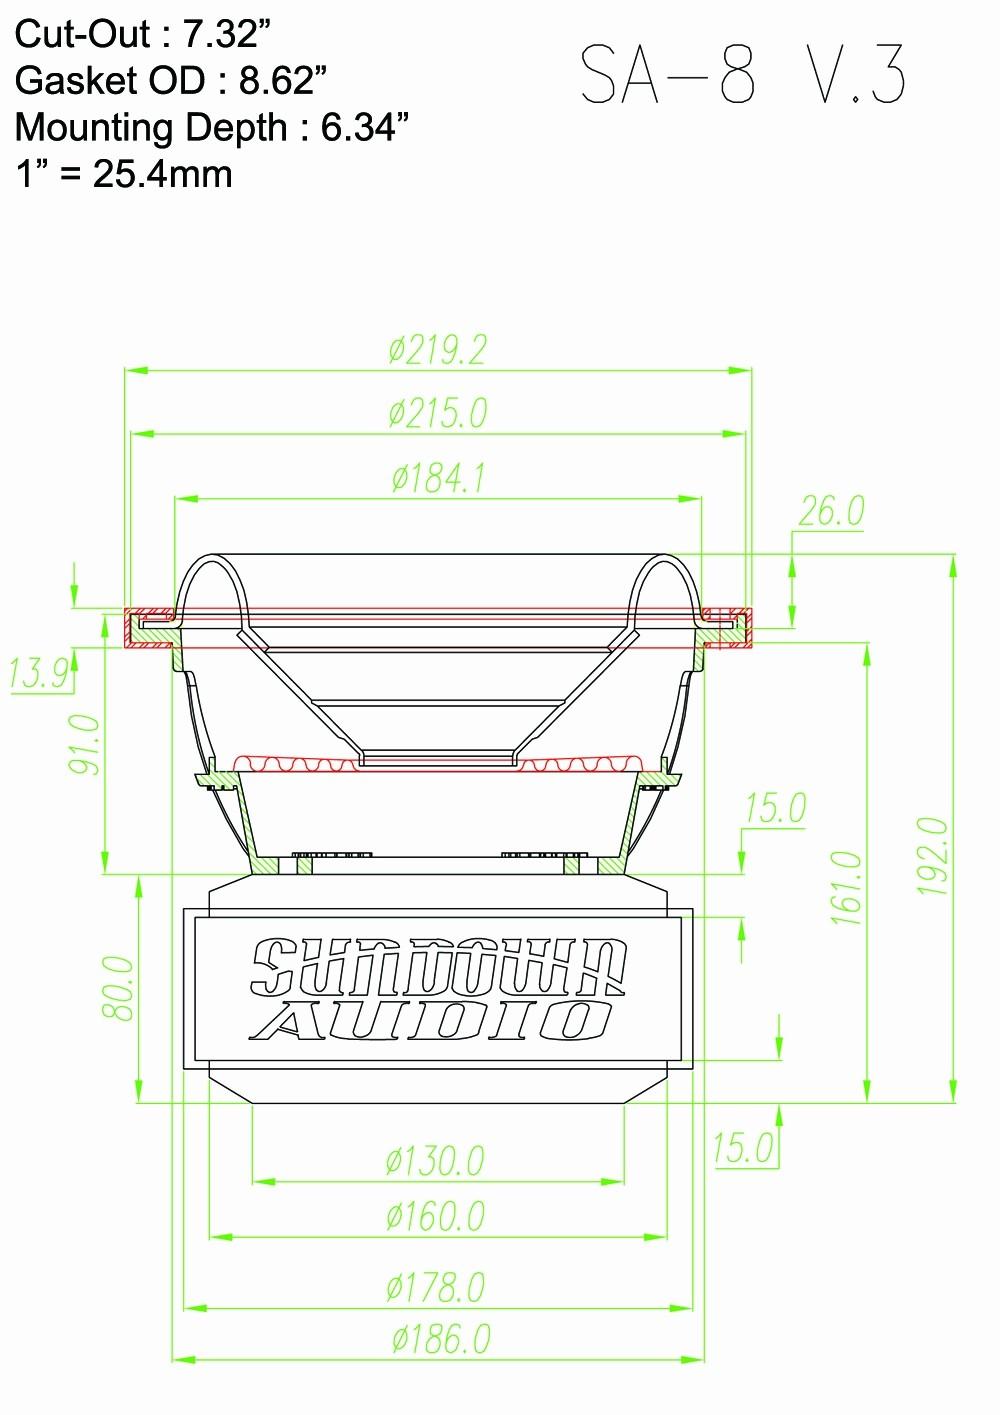 Kicker Kisl Wiring Diagram Cx1200 1 Image